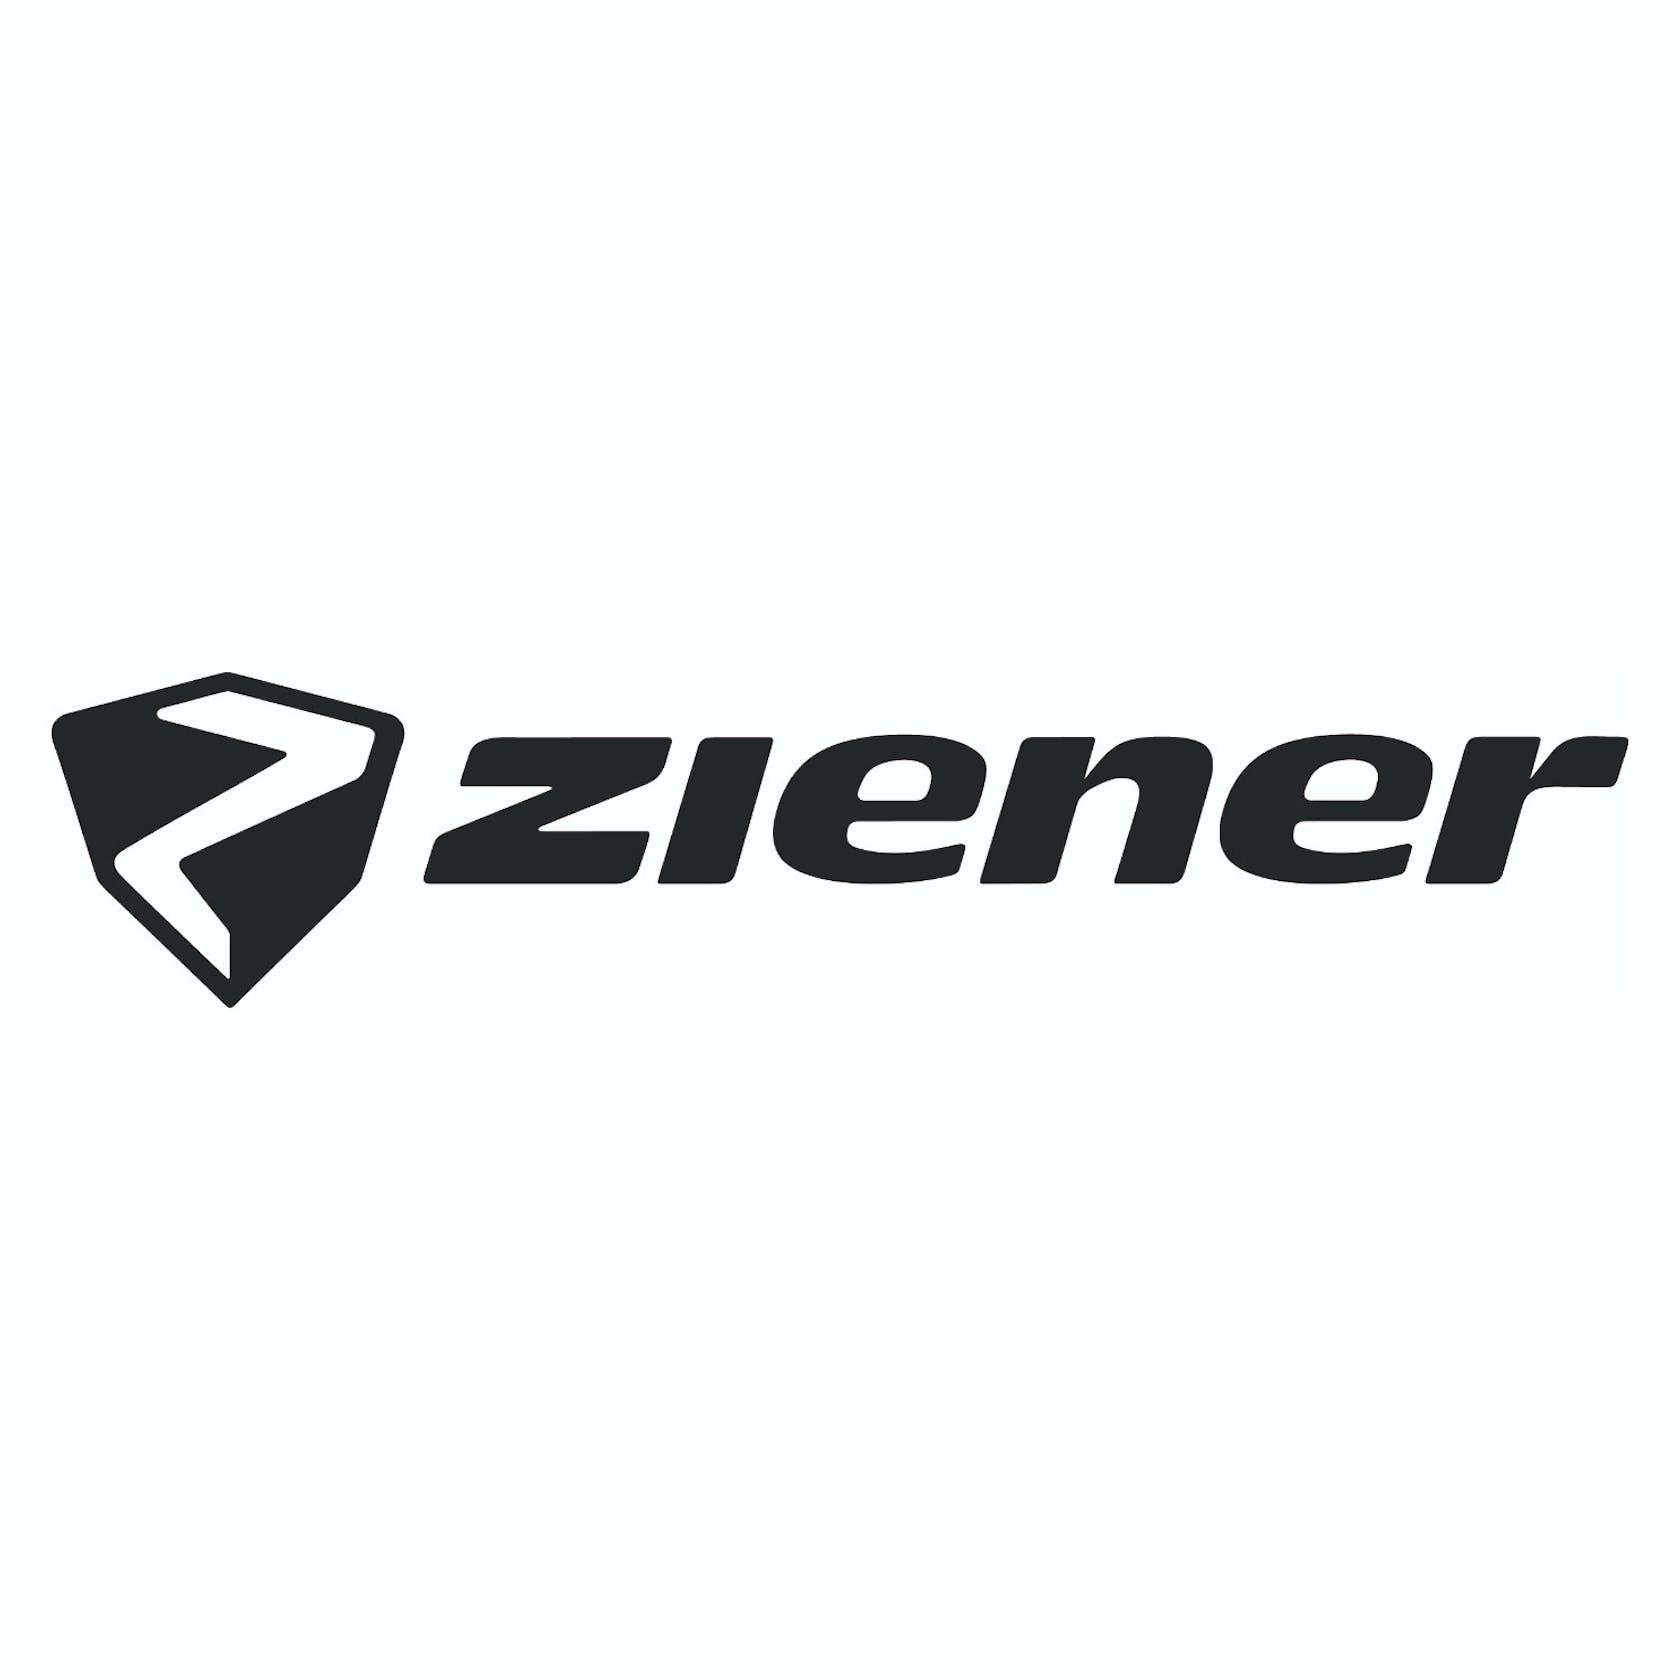 Onlineshop Ziener